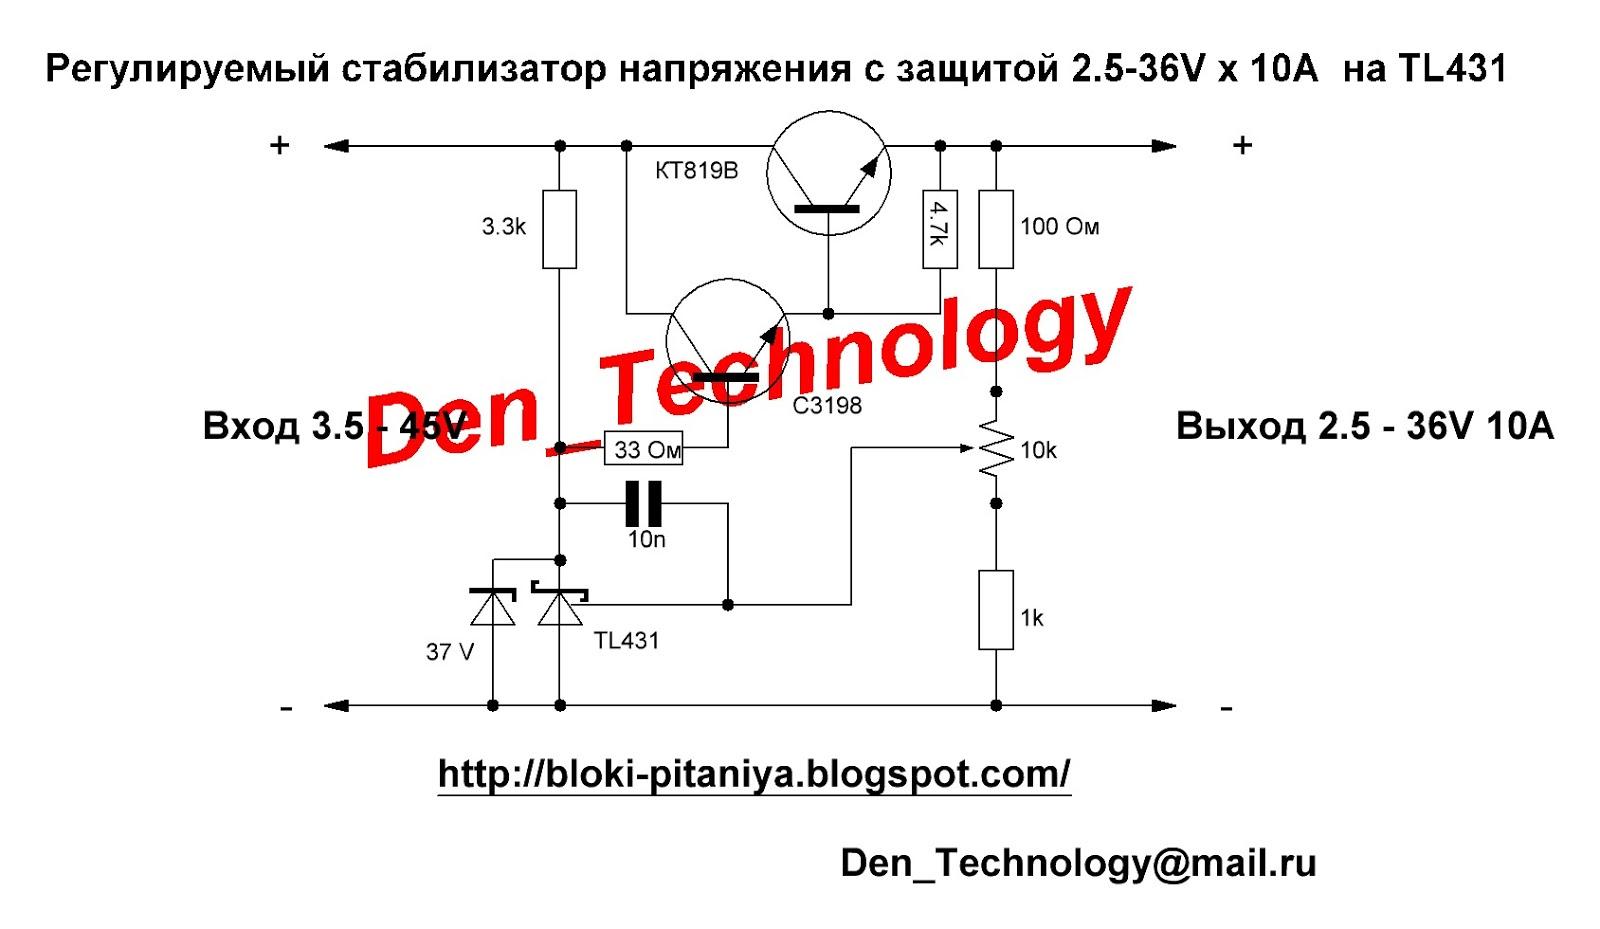 bloki-pitaniya.blogspot.com